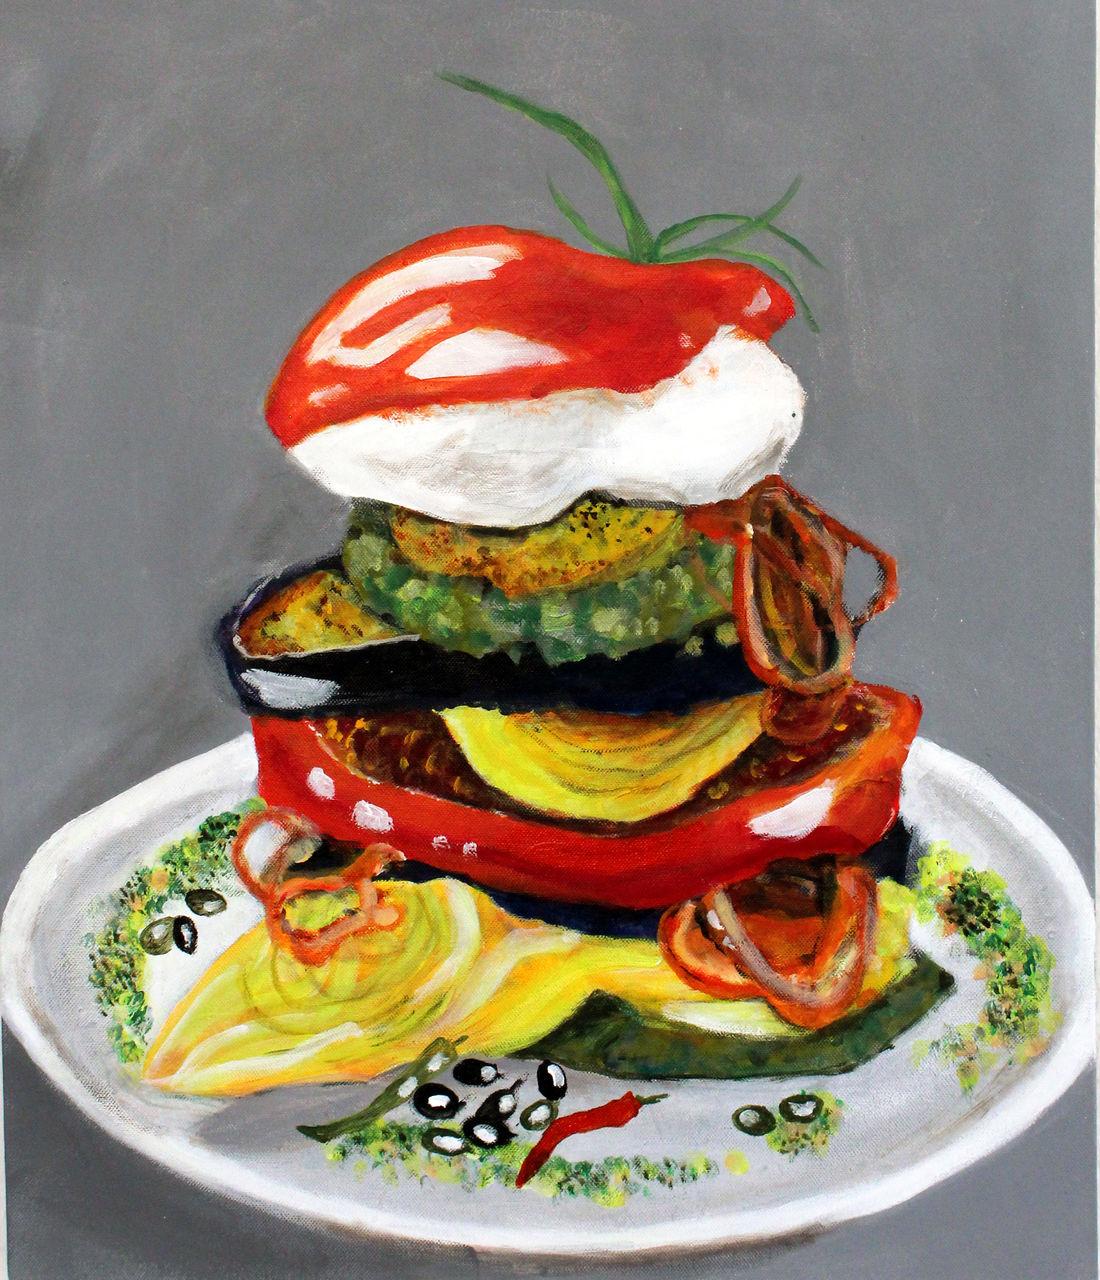 Bild: Gemüseburger, Pflanzen, Natur, Gemüse von ambereye bei KunstNet